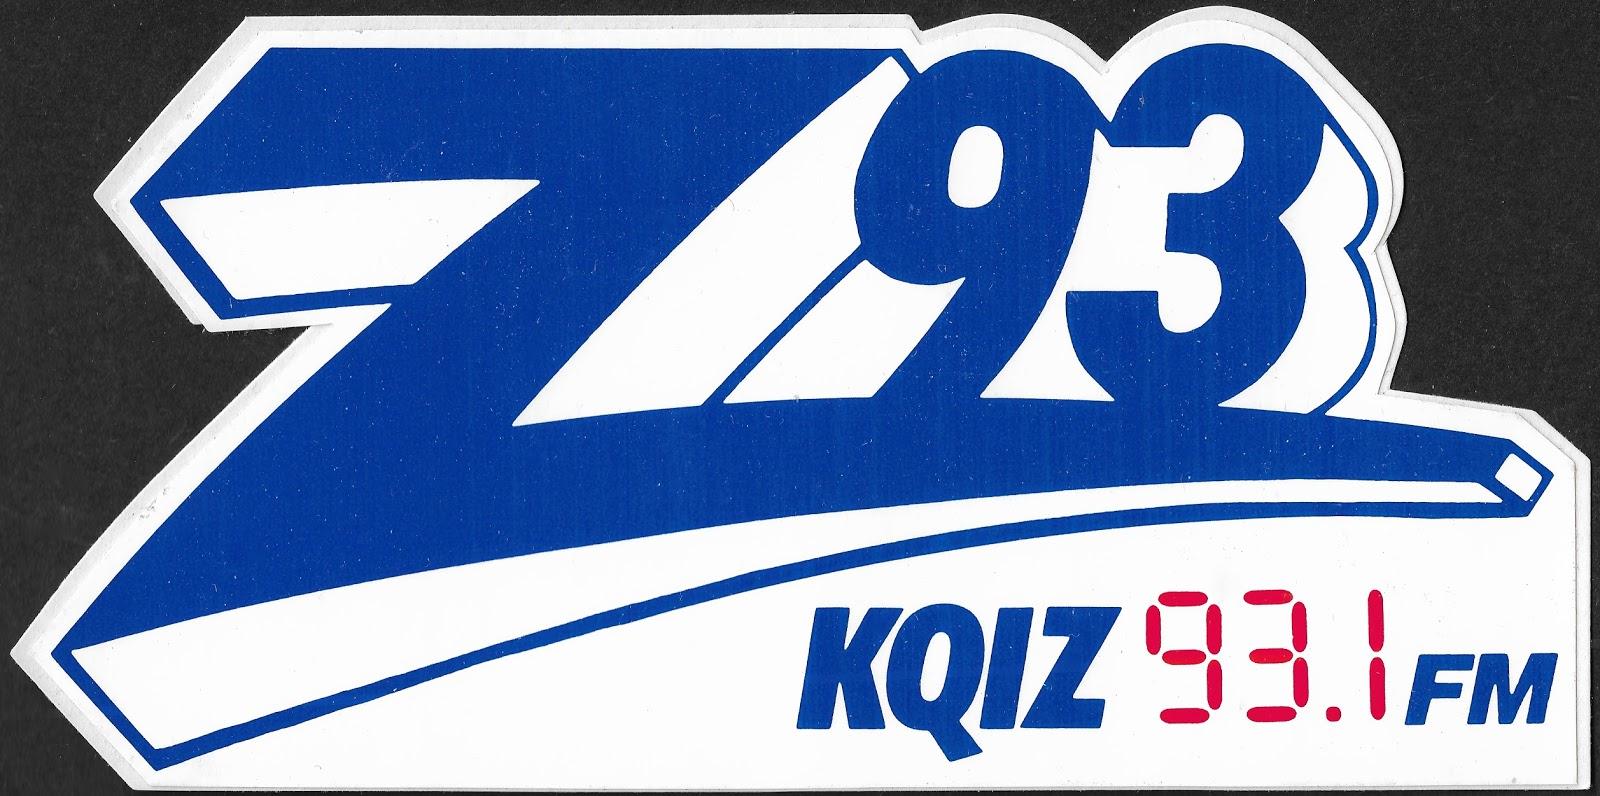 KQIZ-FM